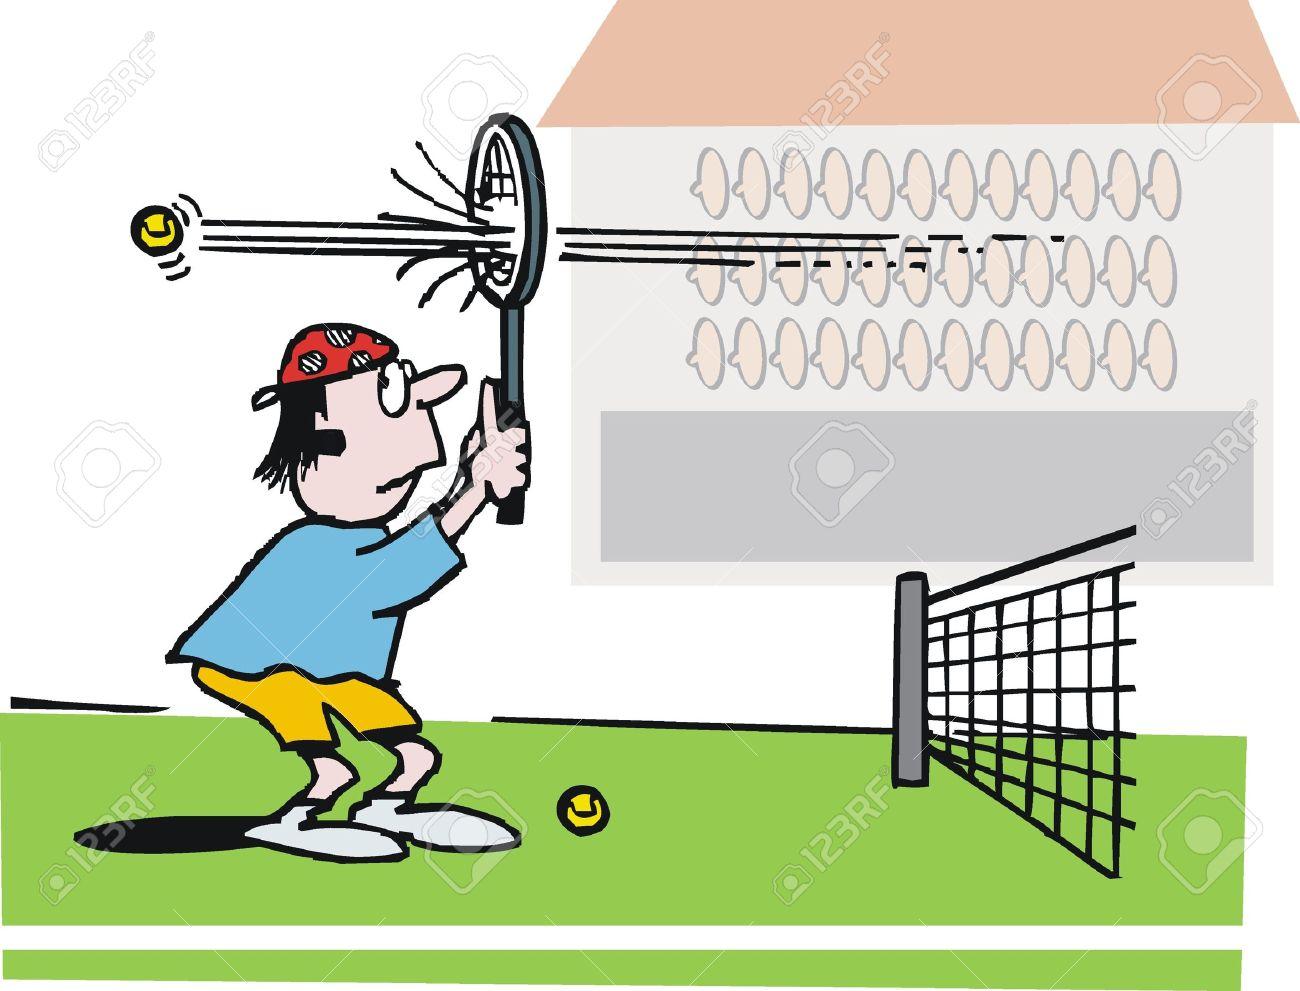 Vector cartoon of bewildered tennis player. Stock Vector - 11118952